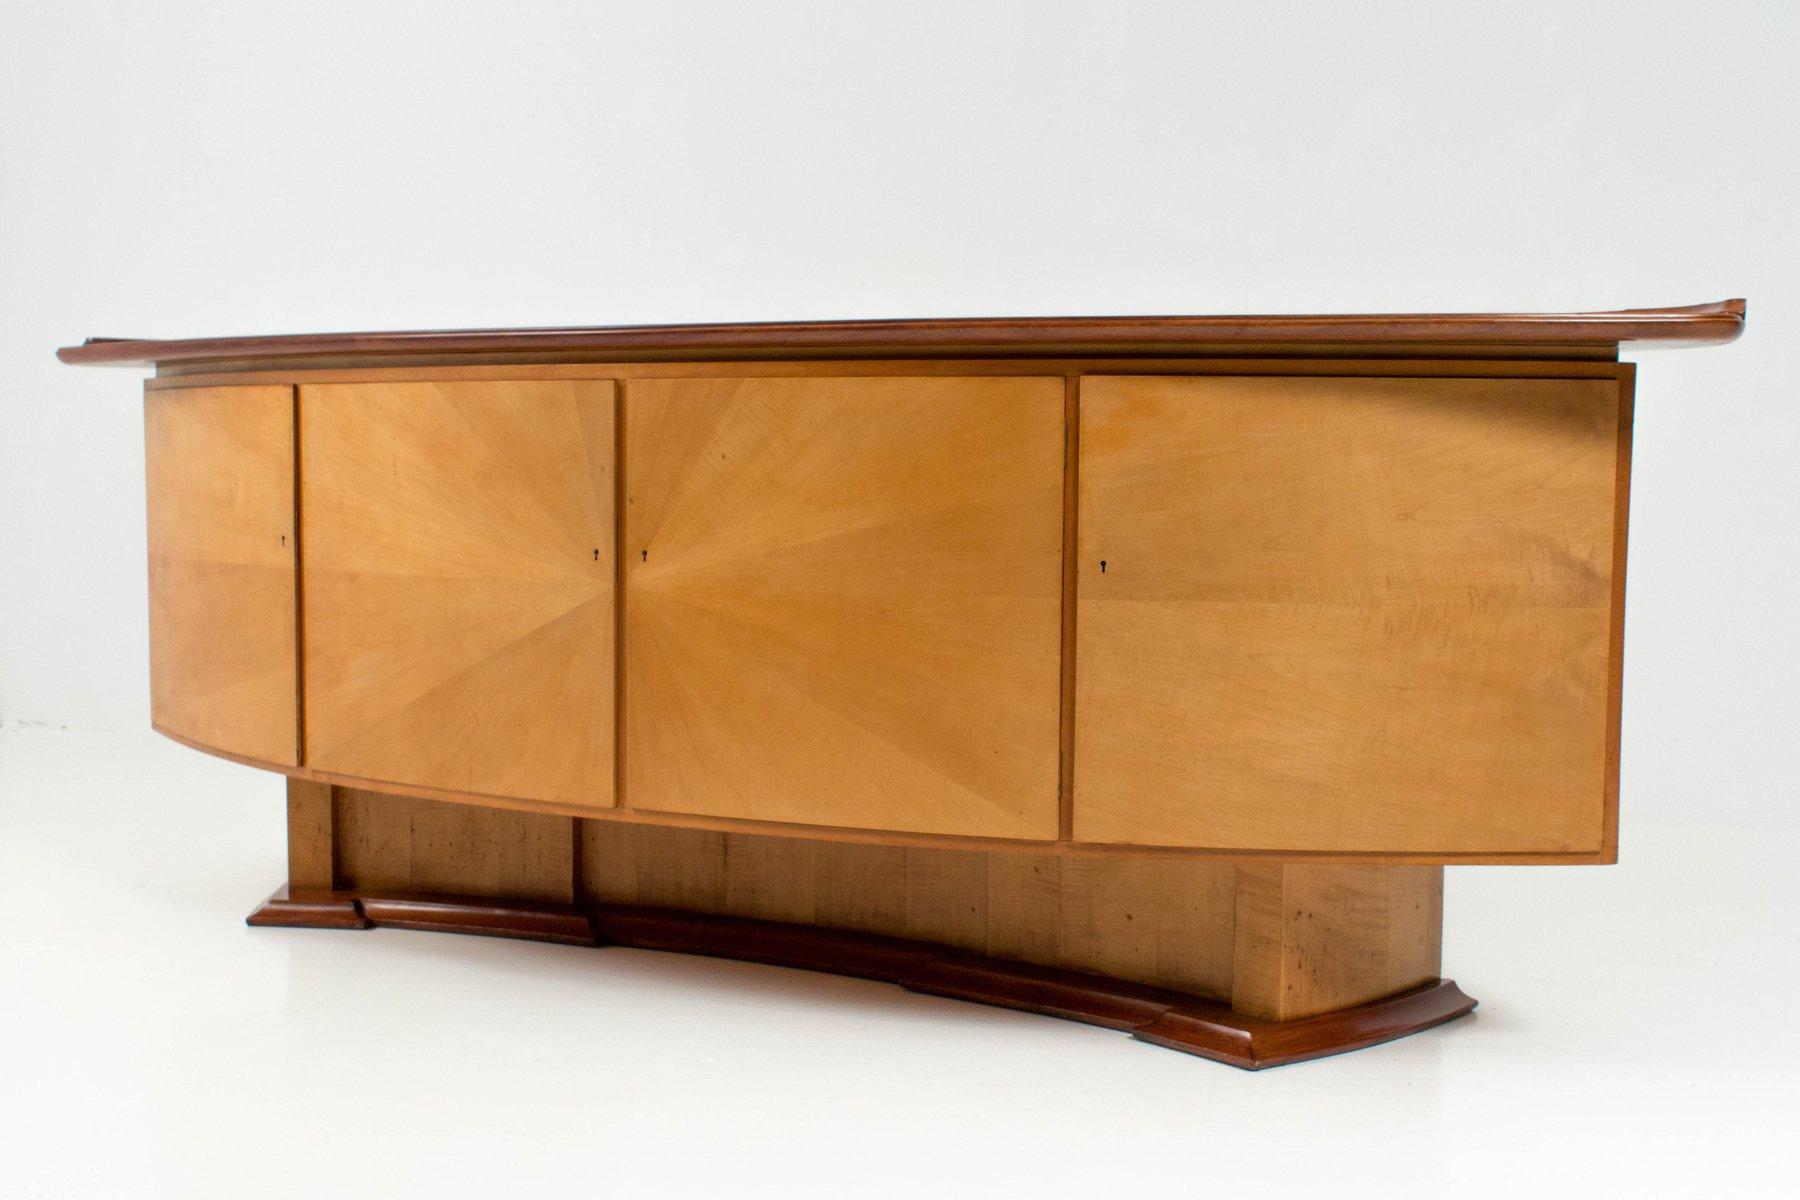 Art deco sideboard by gebroeders reens 1930s for sale at - Deko sideboard ...